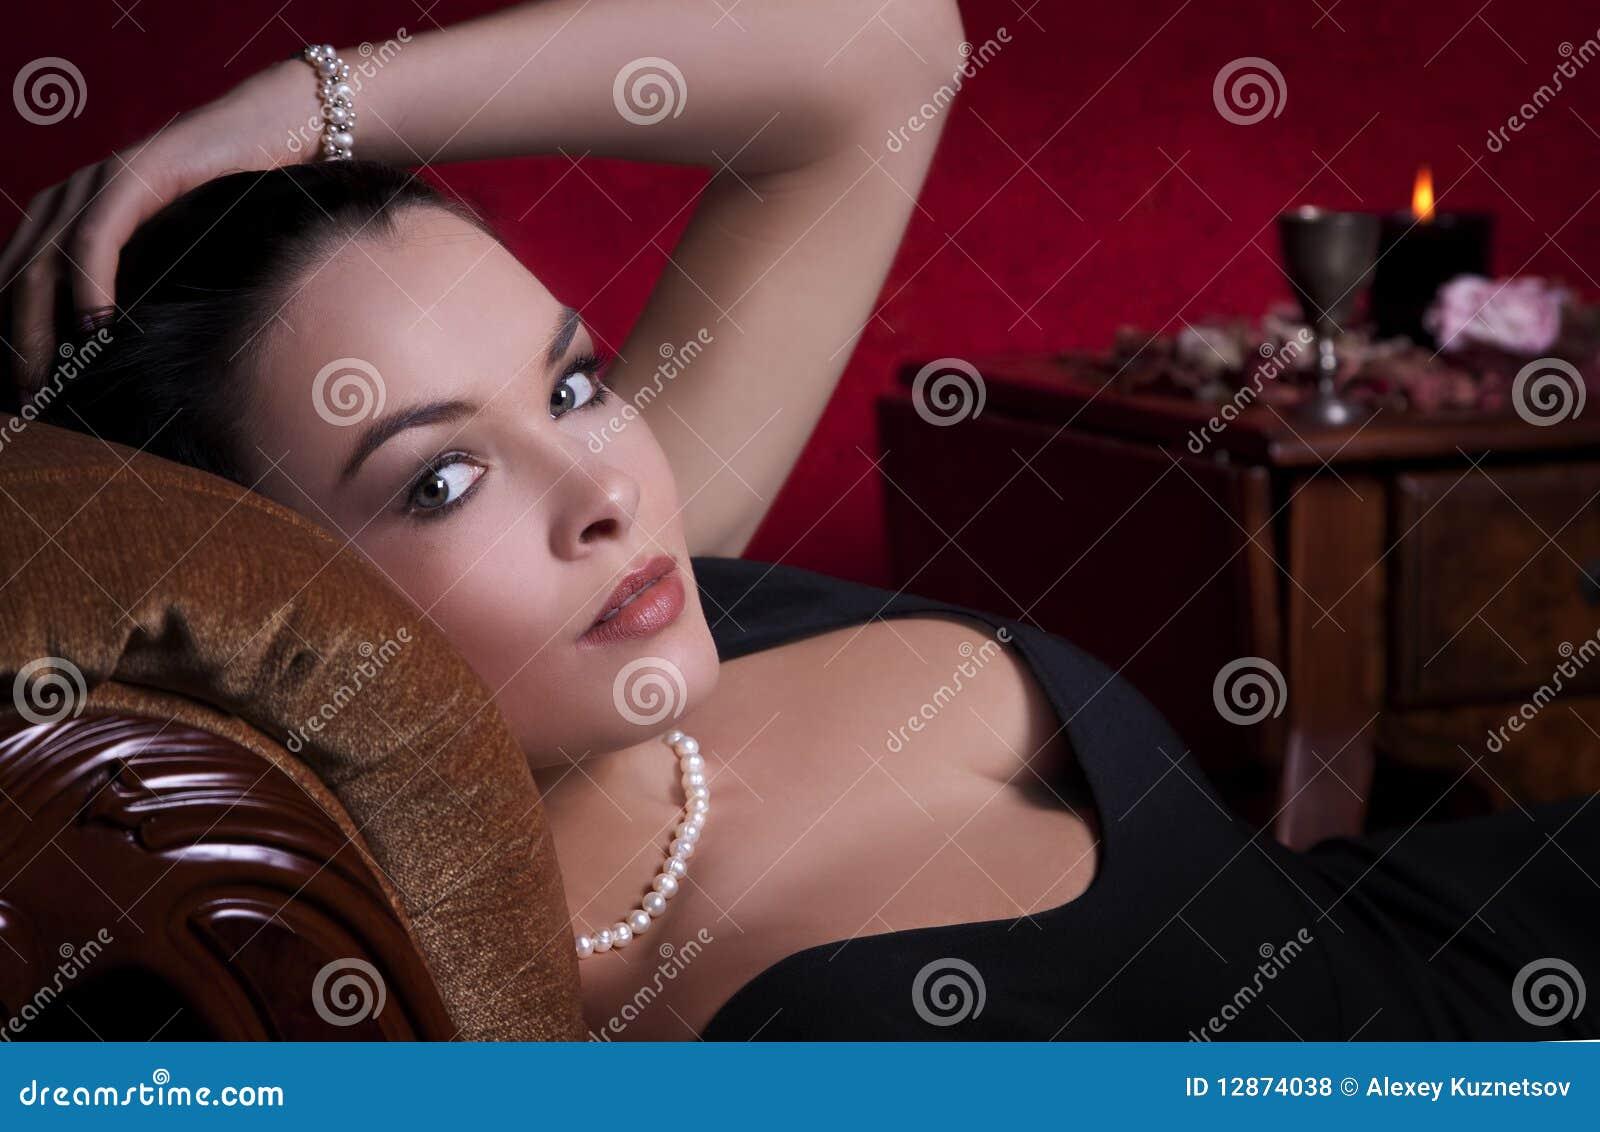 Соблазнила старого женатого 7 фотография